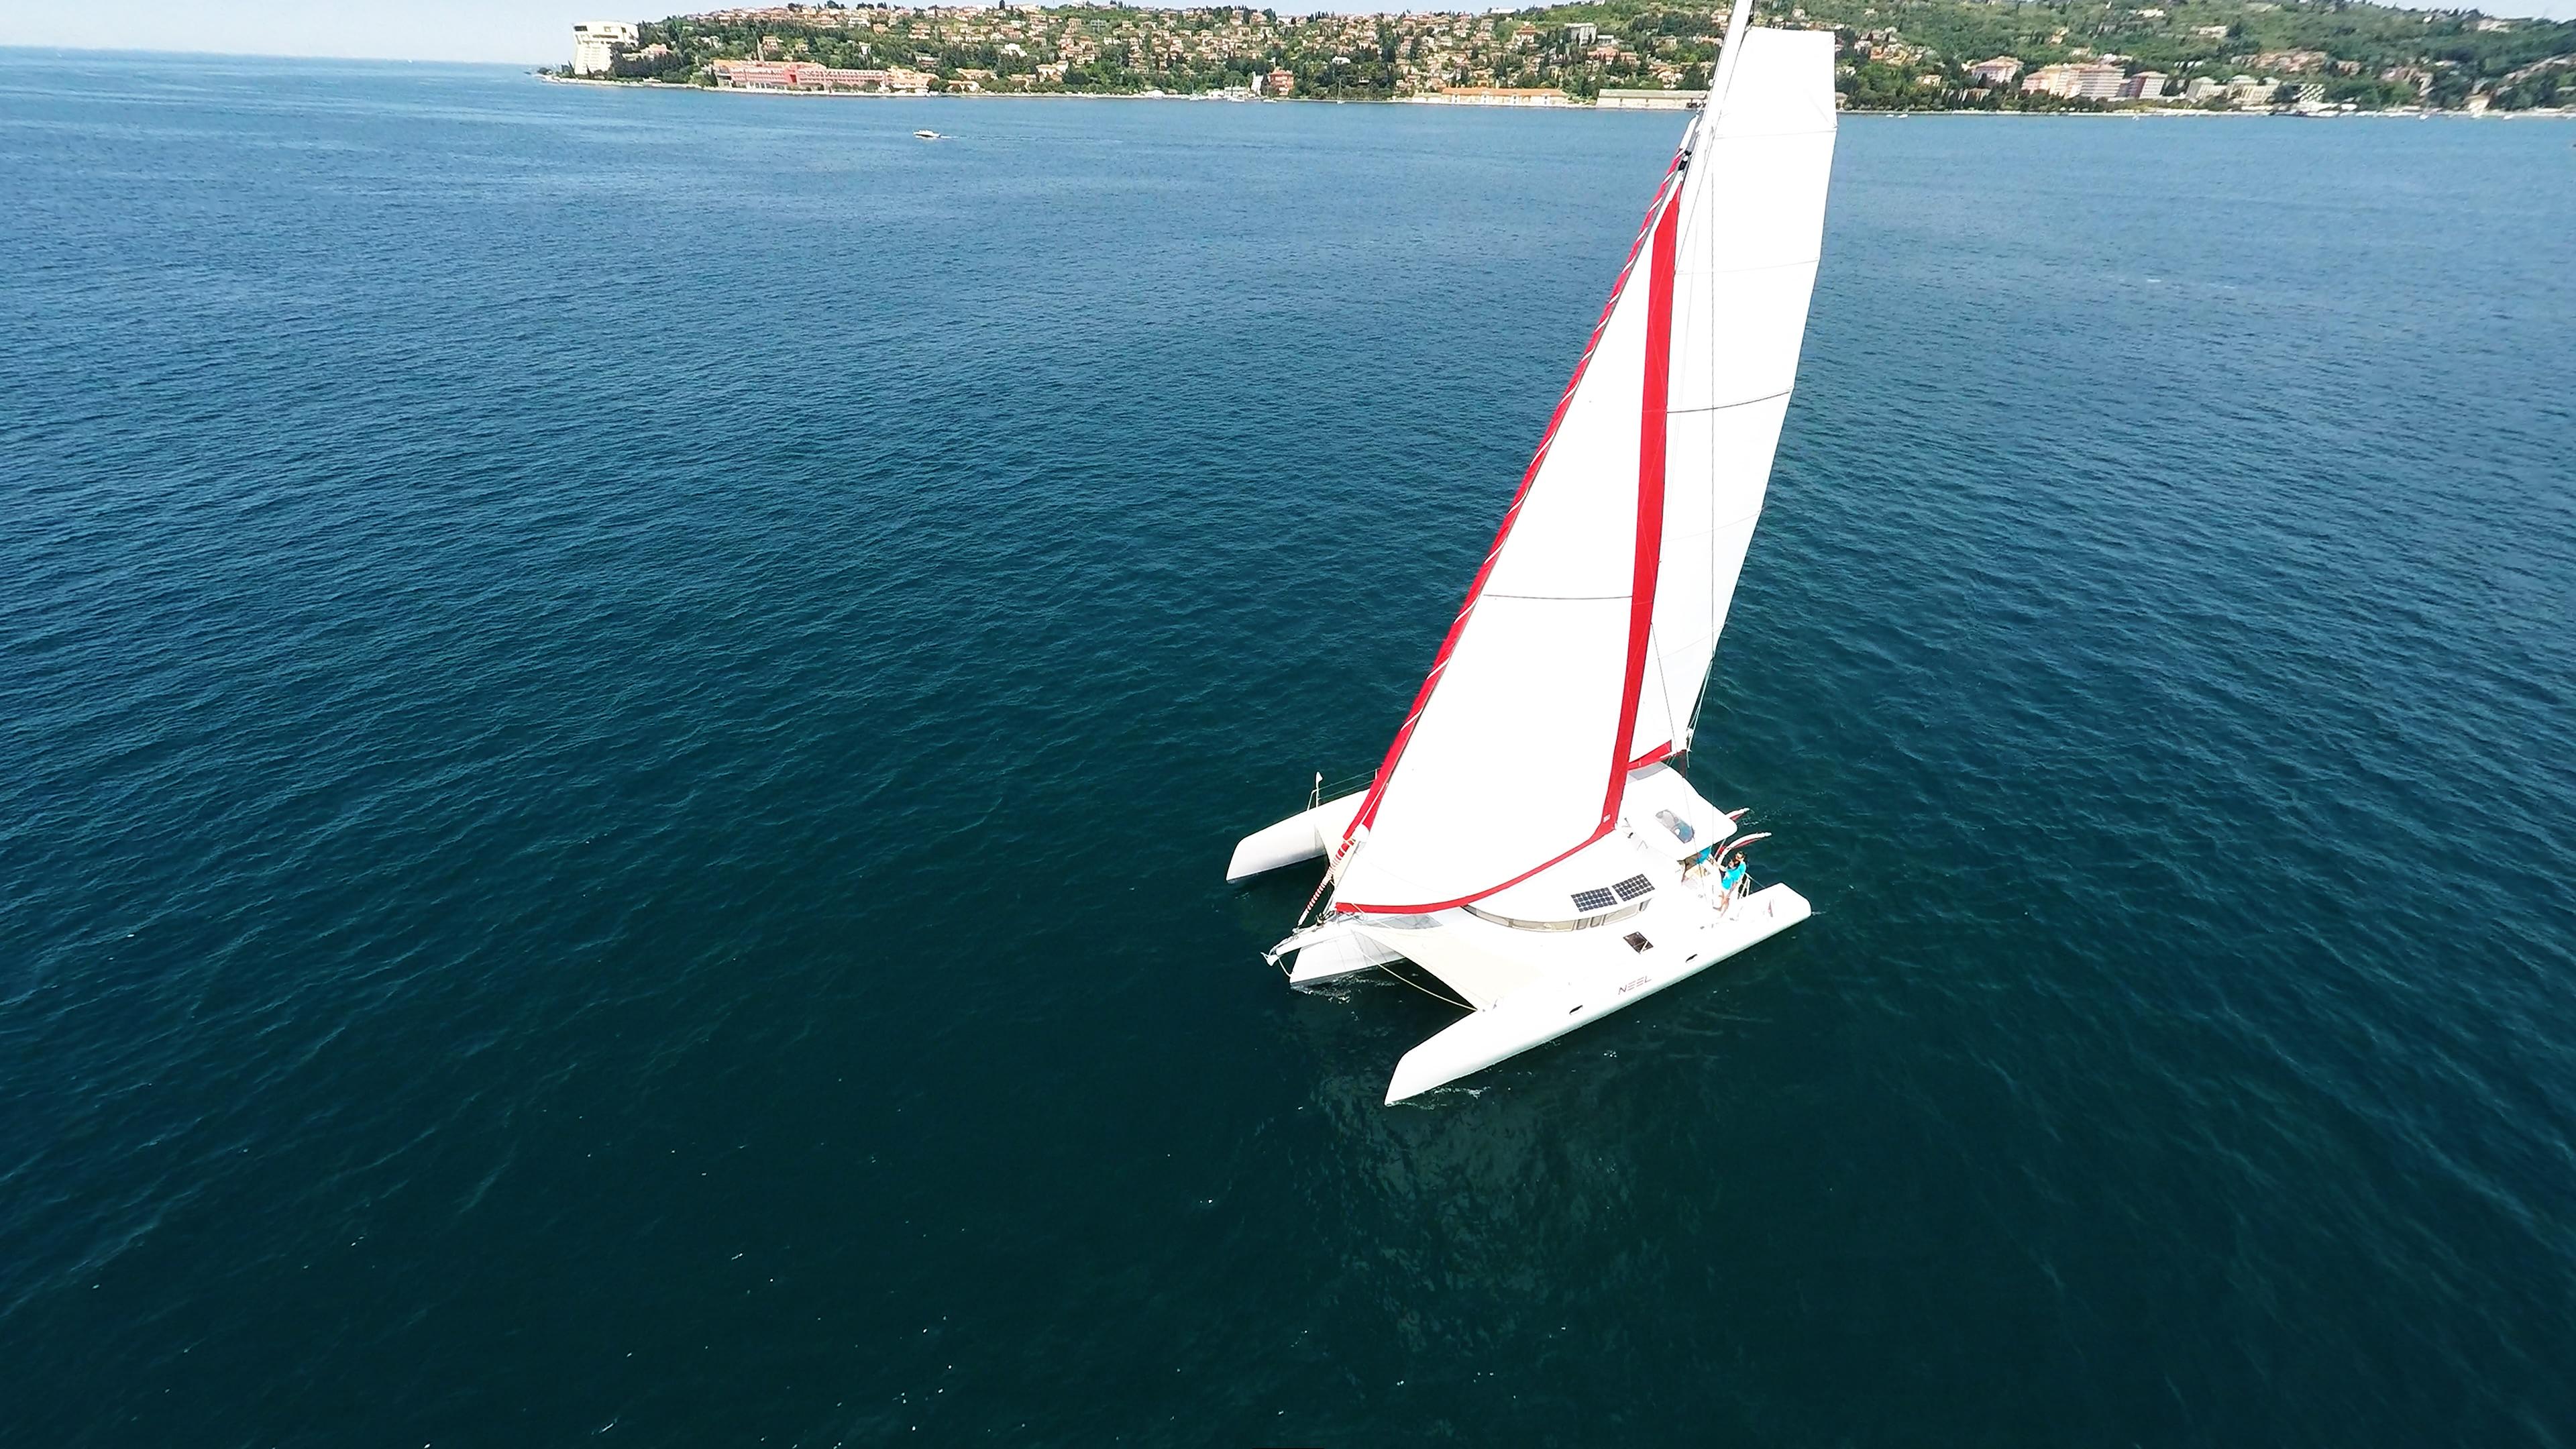 noleggio yacht trimarano neel 45 vela al mare